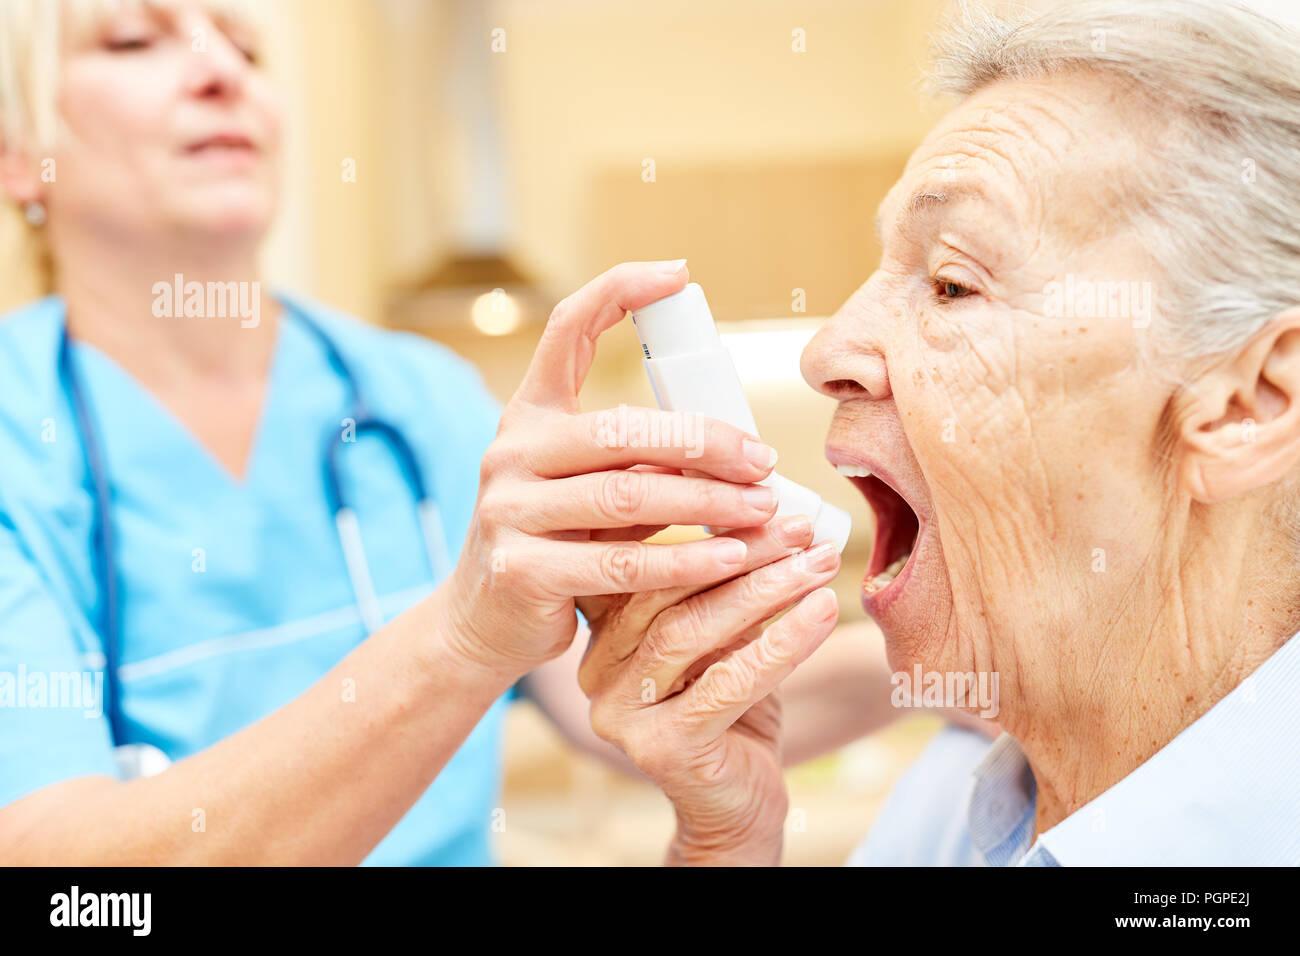 Betreuer Hilft Senioren Mit Asthma Oder Bronchitis Mit Einem